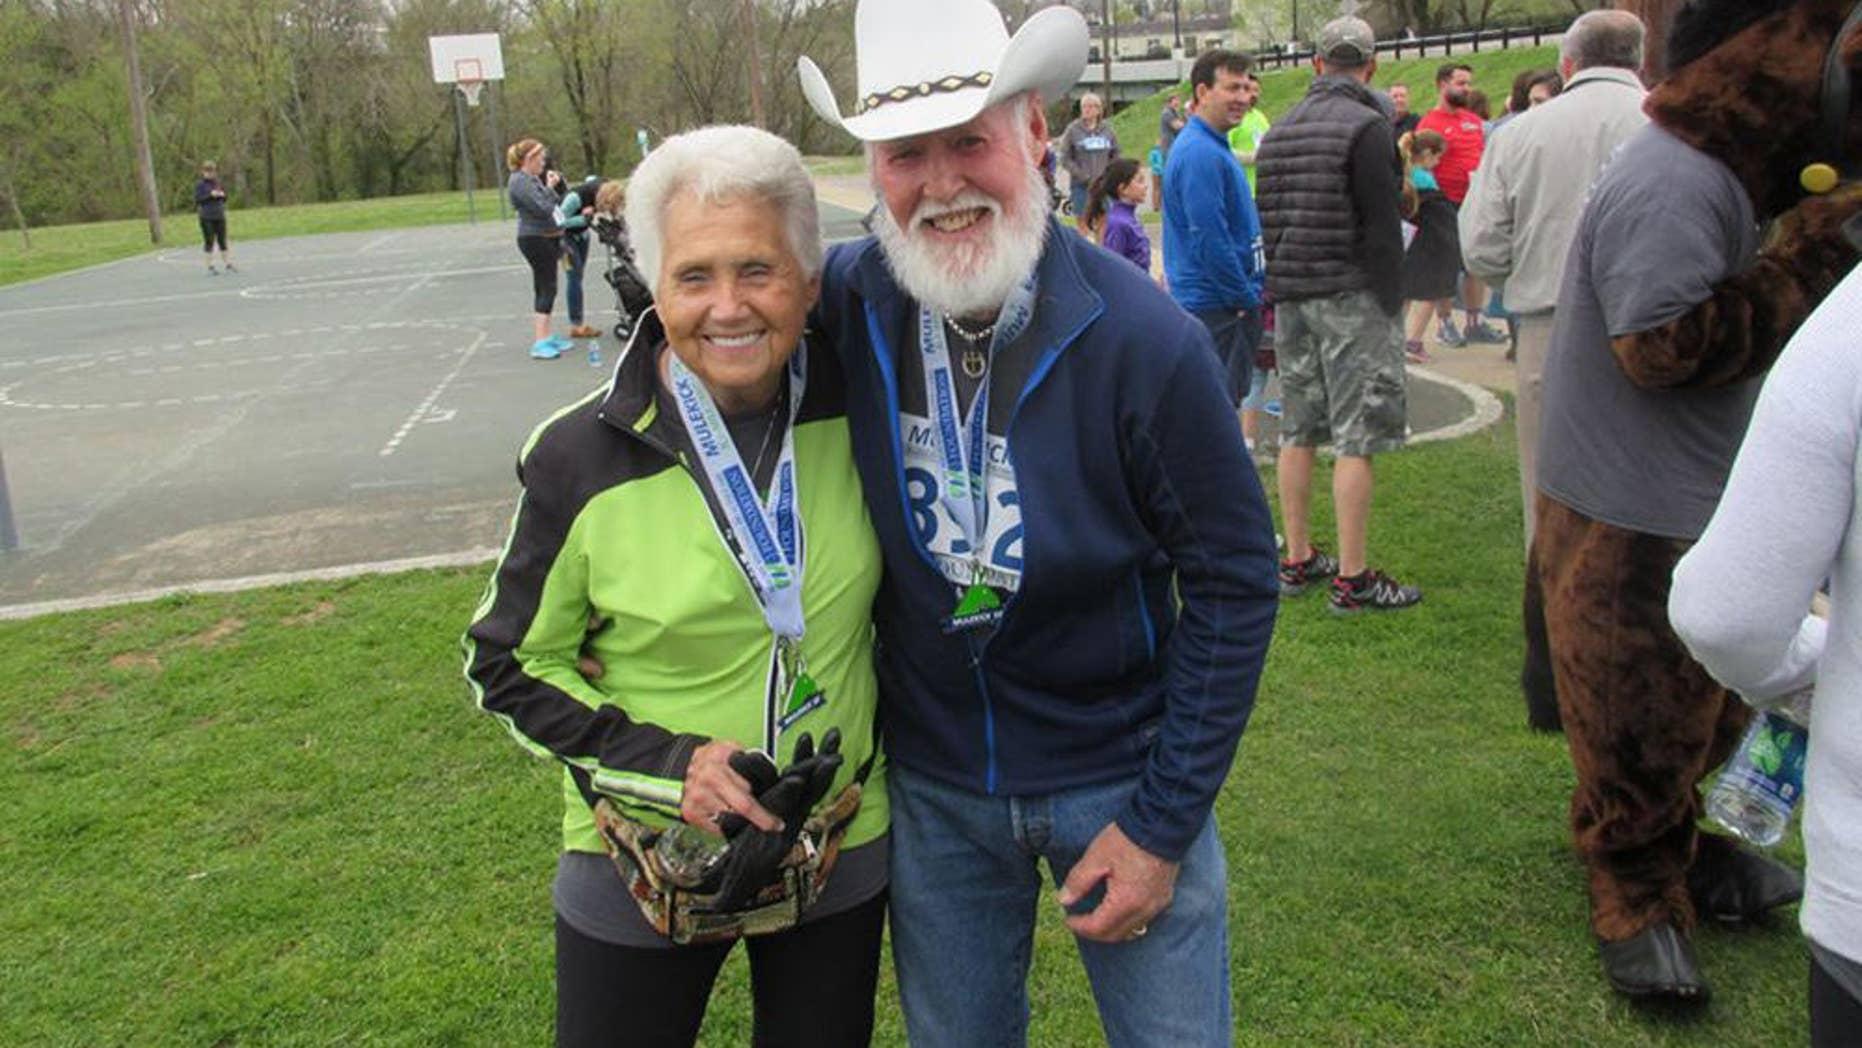 Margaret and J.R. Vaughn at the Mule Kick 5K.